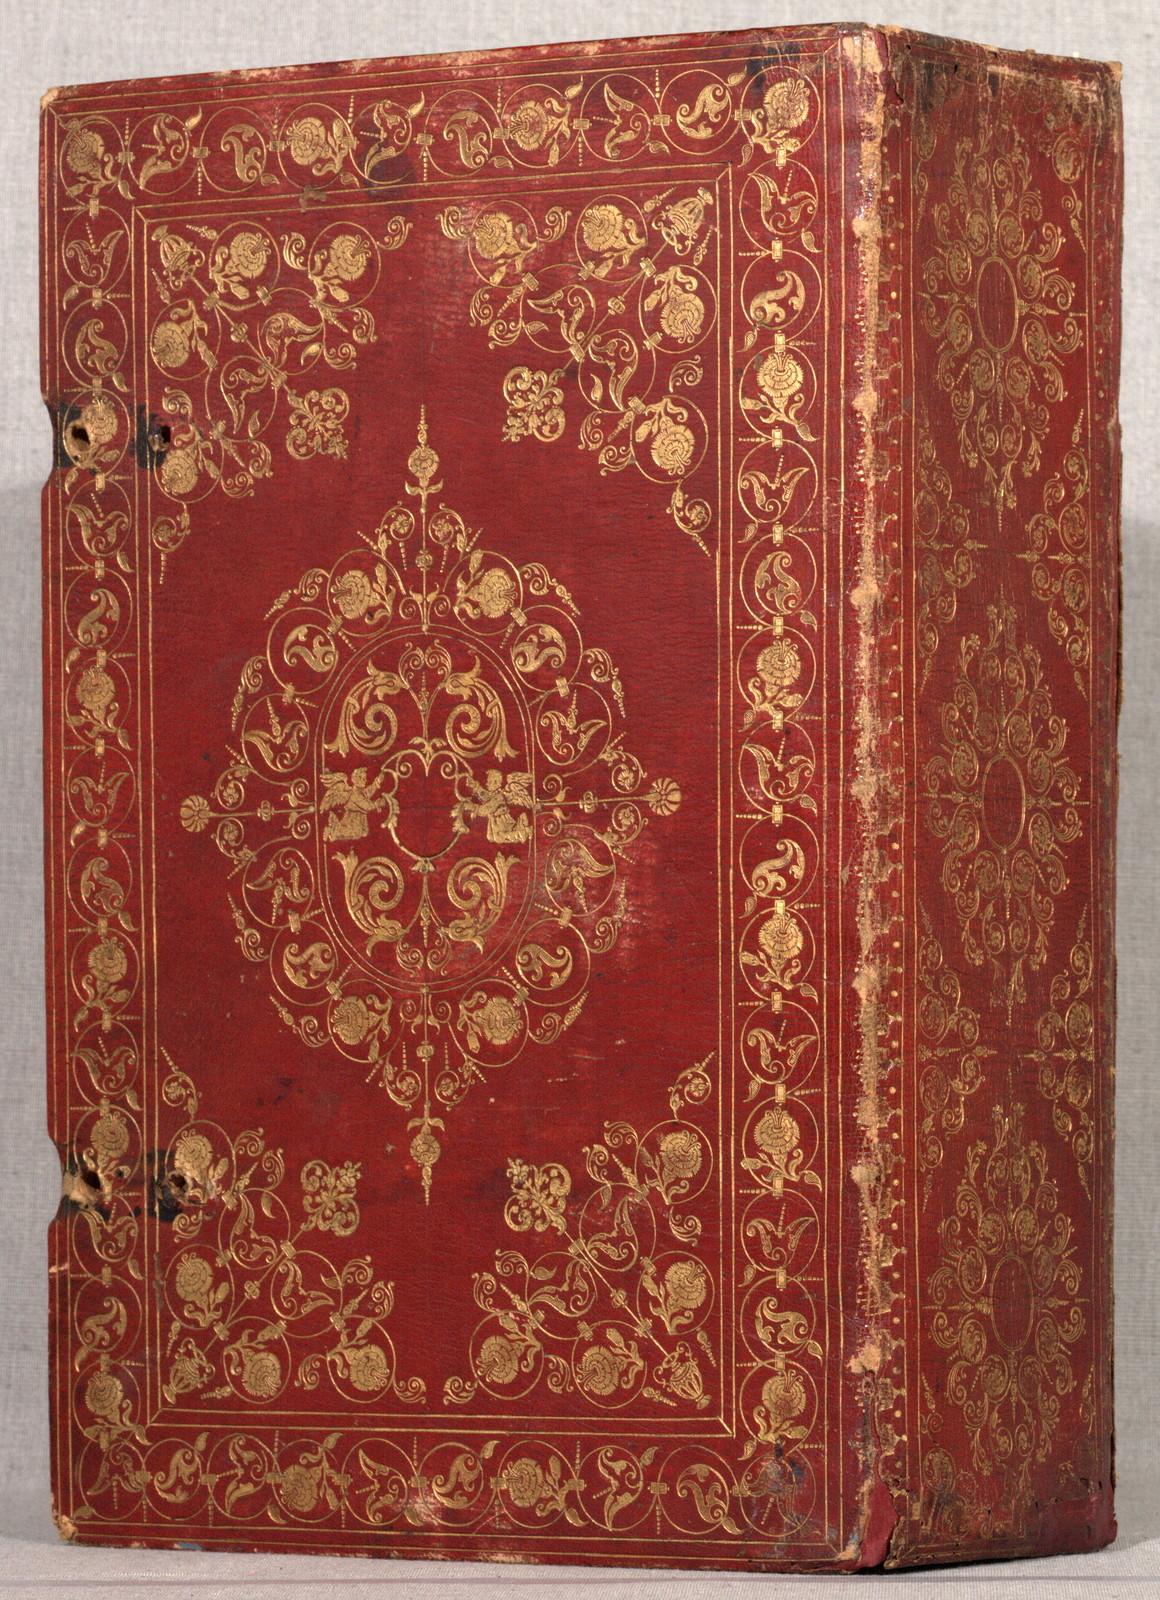 Biblia; das ist, Die gantze Schrifft Alten vnd Newen Testaments.Strassburg, In Verlegung L. Zetners seligen Erben, 1630.345, 222, 268 l. illus. 40 cm.